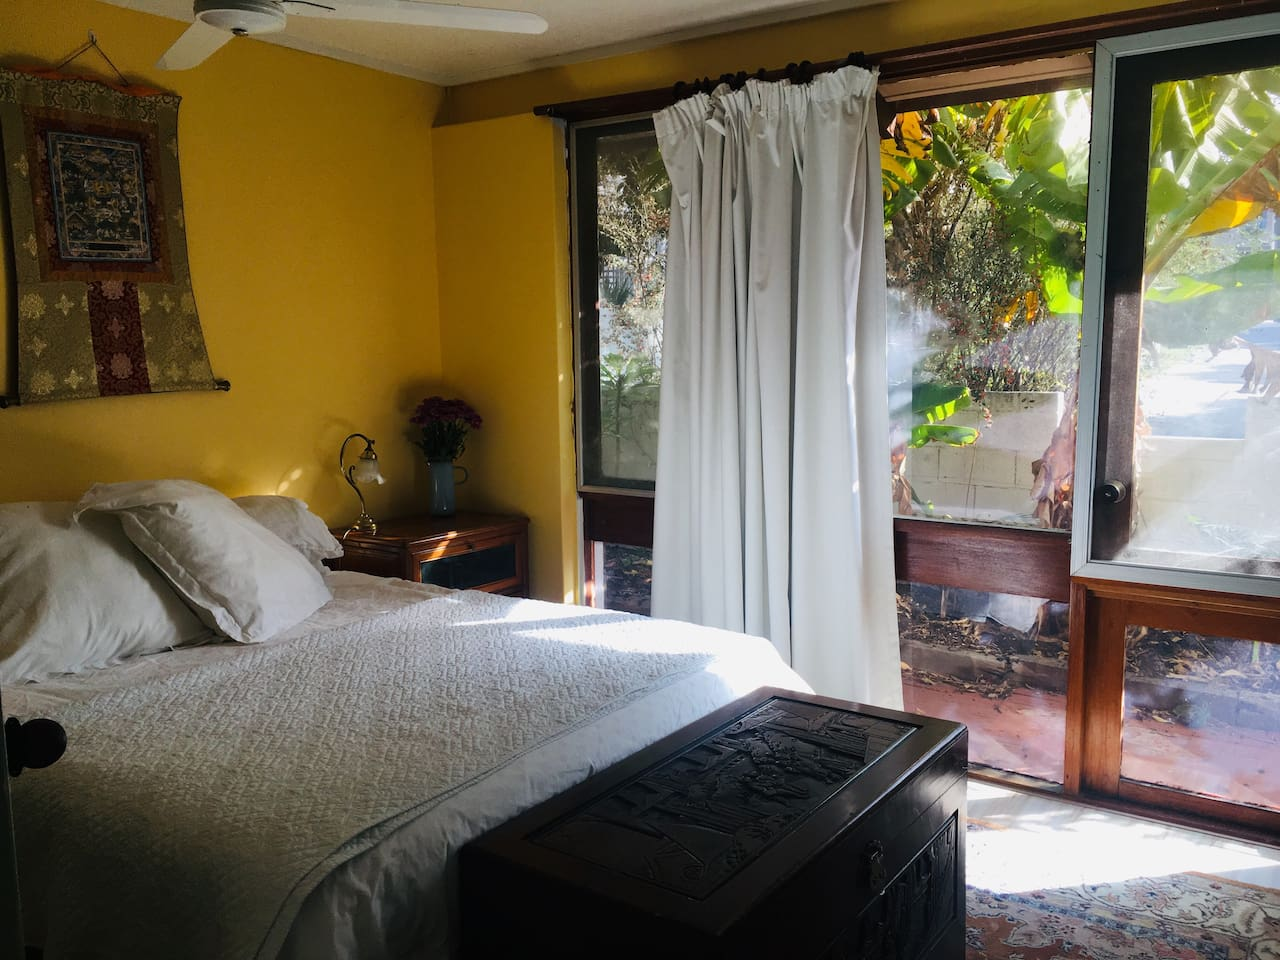 Comfortable queen size bed overlooking tropical pathway